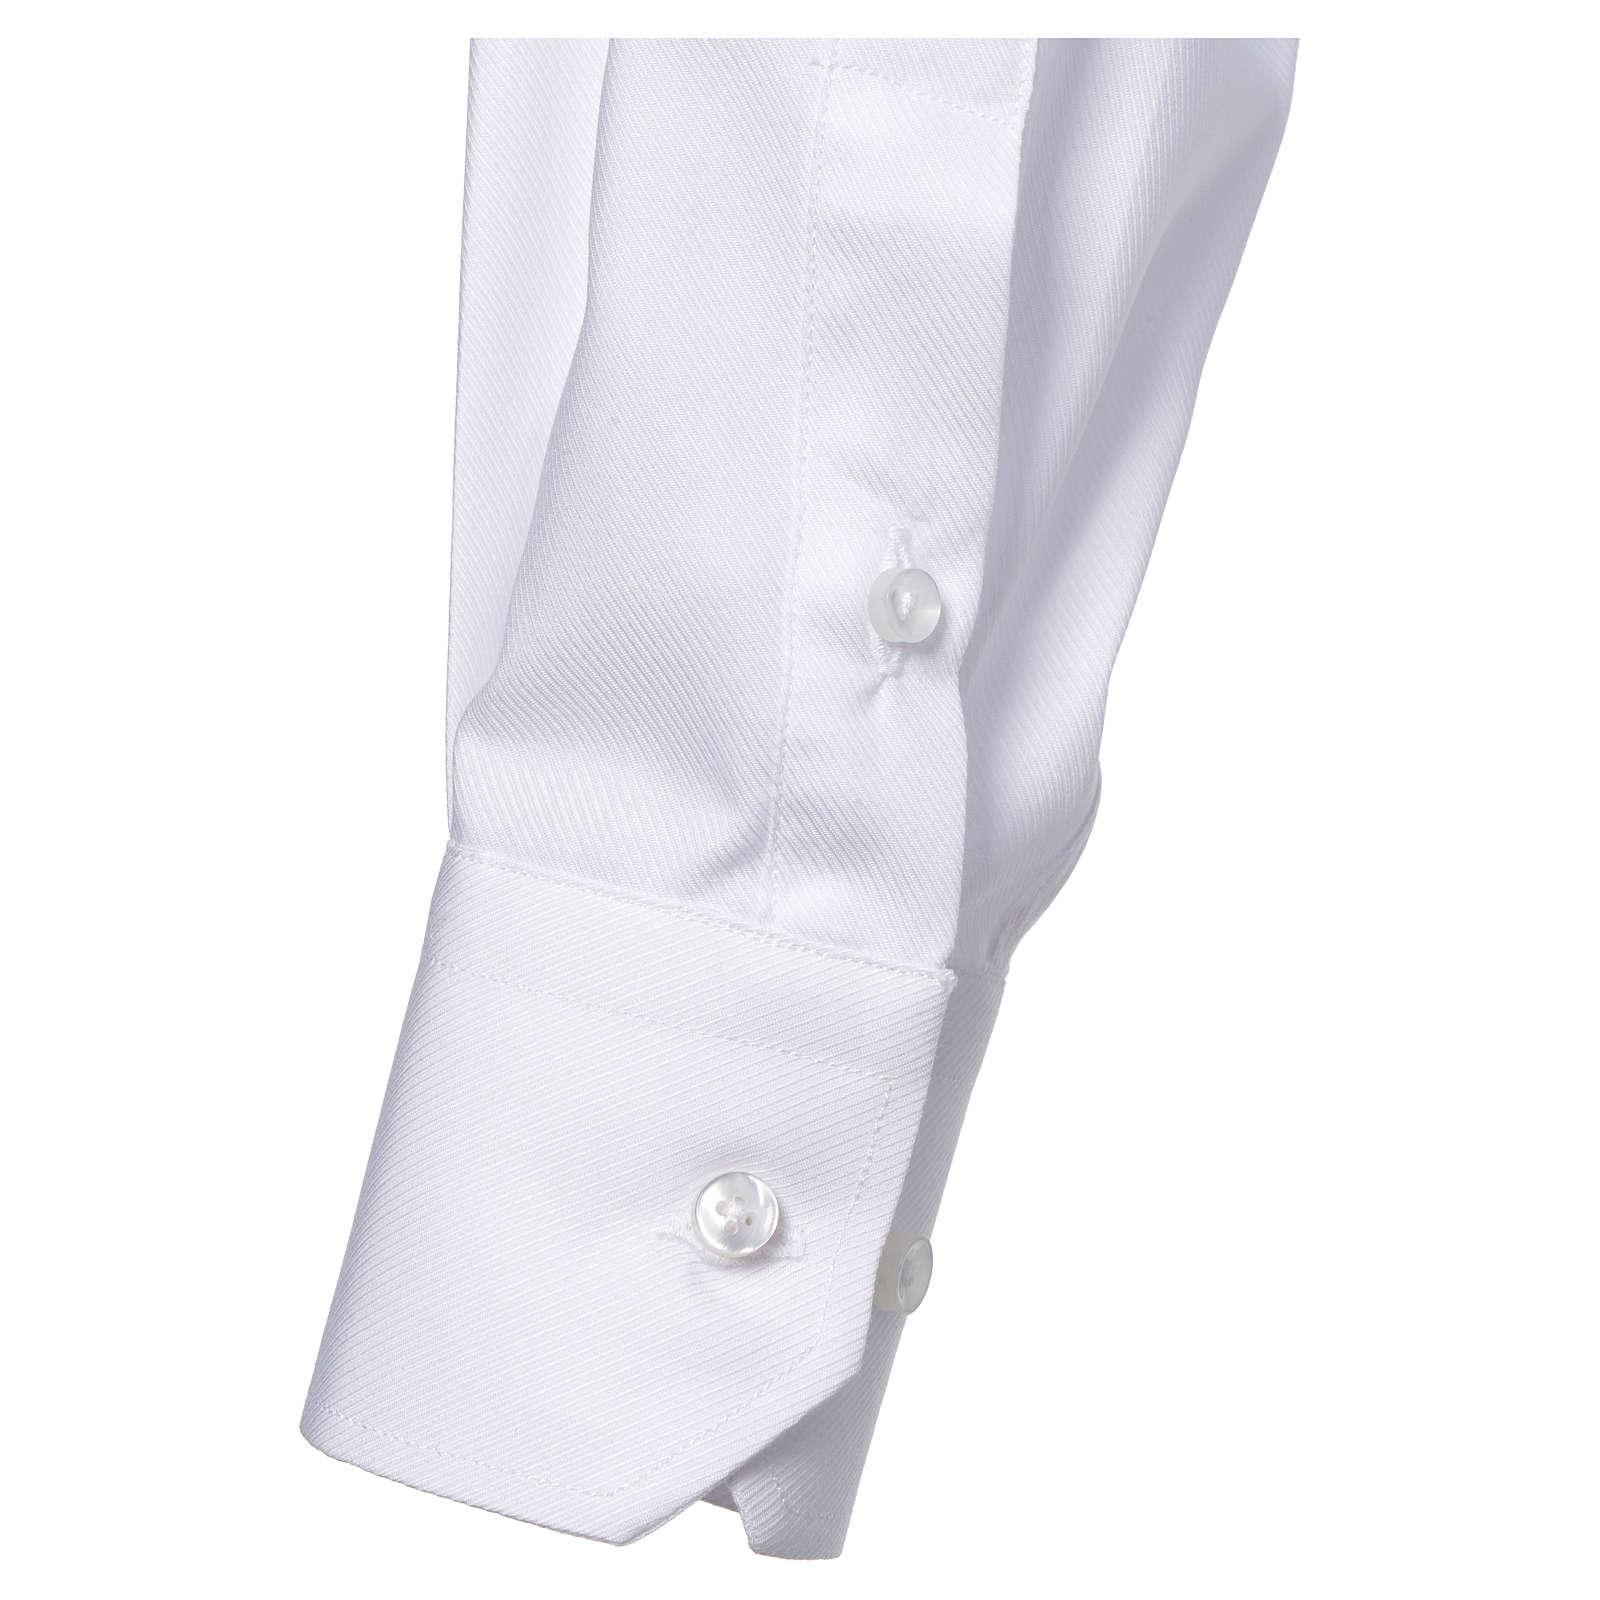 Collarhemd mit Langarm bügelleicht feine diagonale Struktur des Baumwollmischgewebe in der Farbe Weiß 4